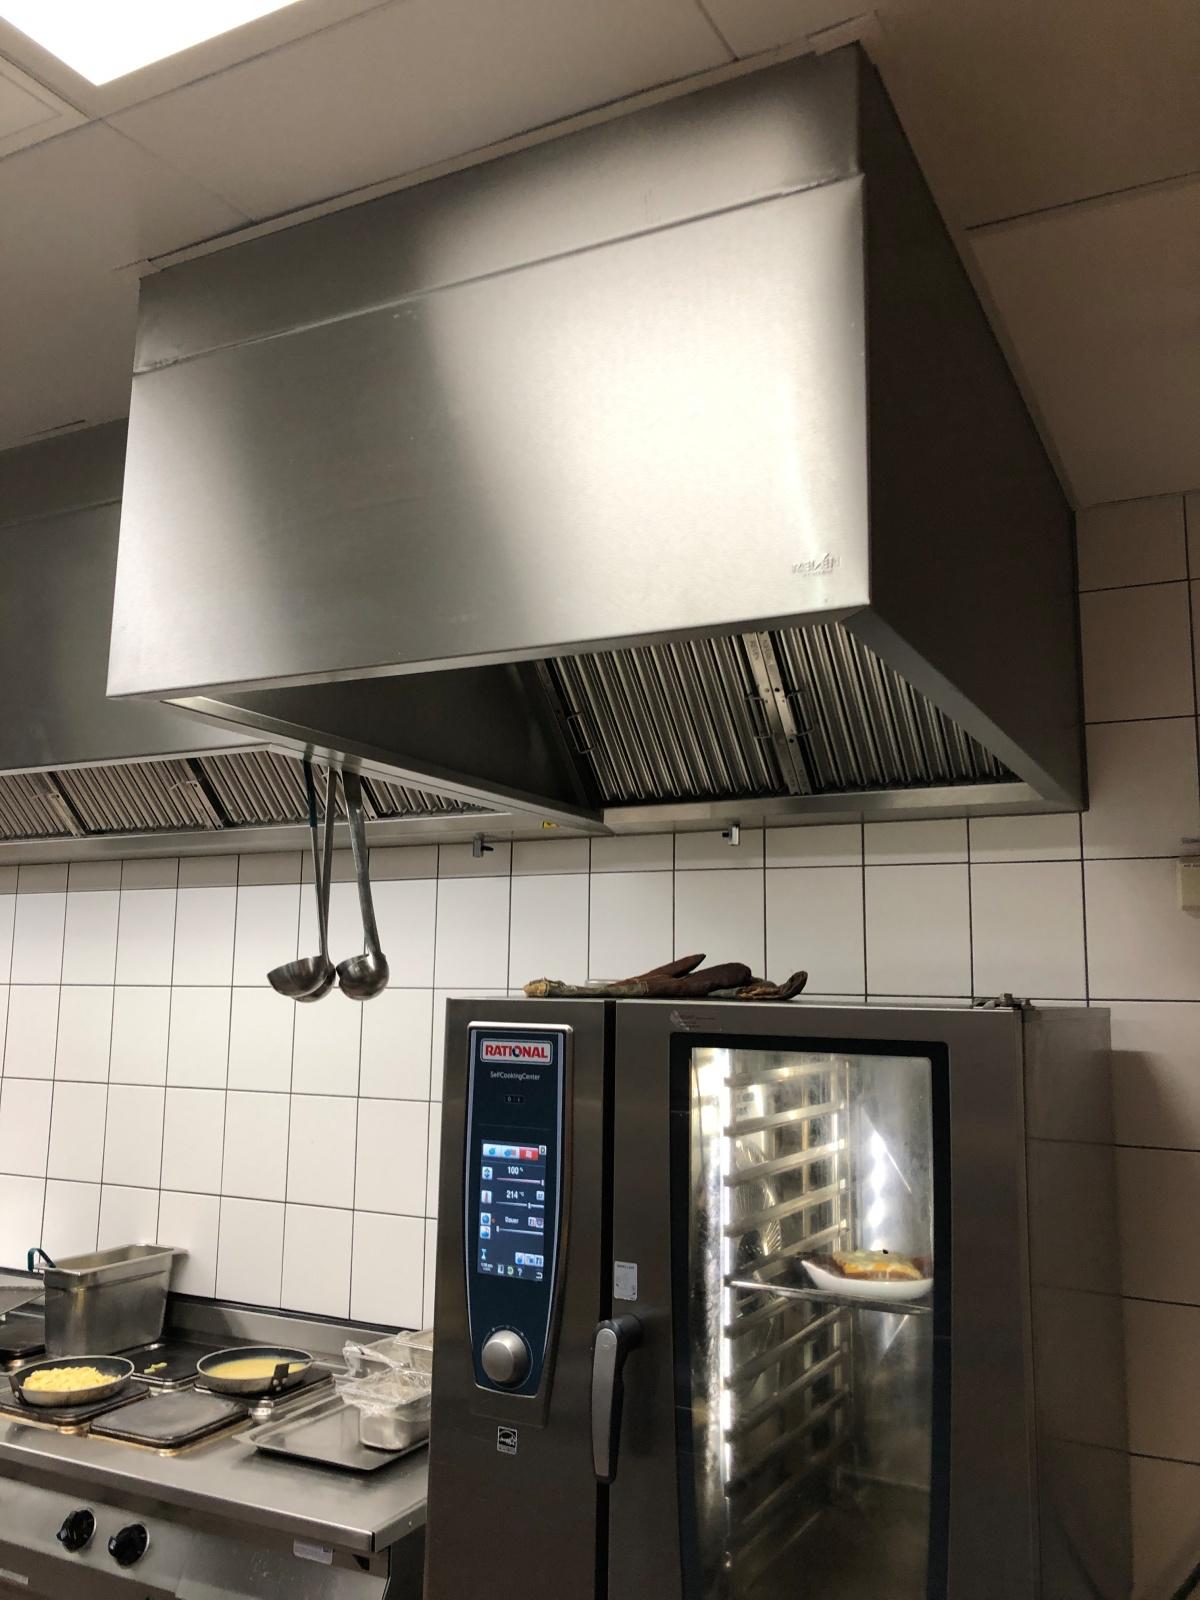 Full Size of Küchenabluft Kchenabluft Reinigen Aber Wie Tab Das Fachmedium Der Tga Wohnzimmer Küchenabluft